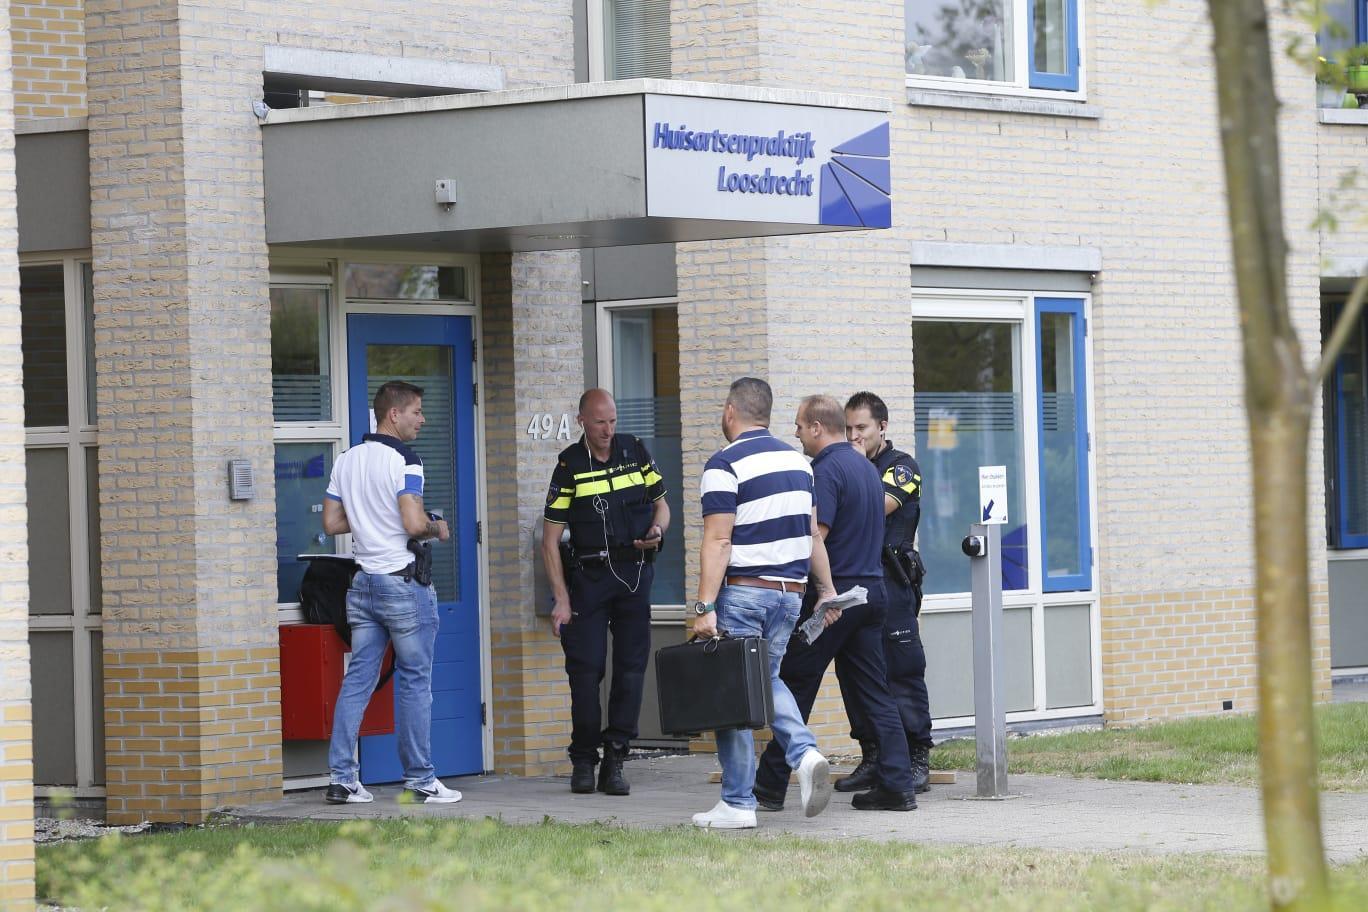 Huisarts ernstig gewond na steekpartij in praktijk Loosdrecht